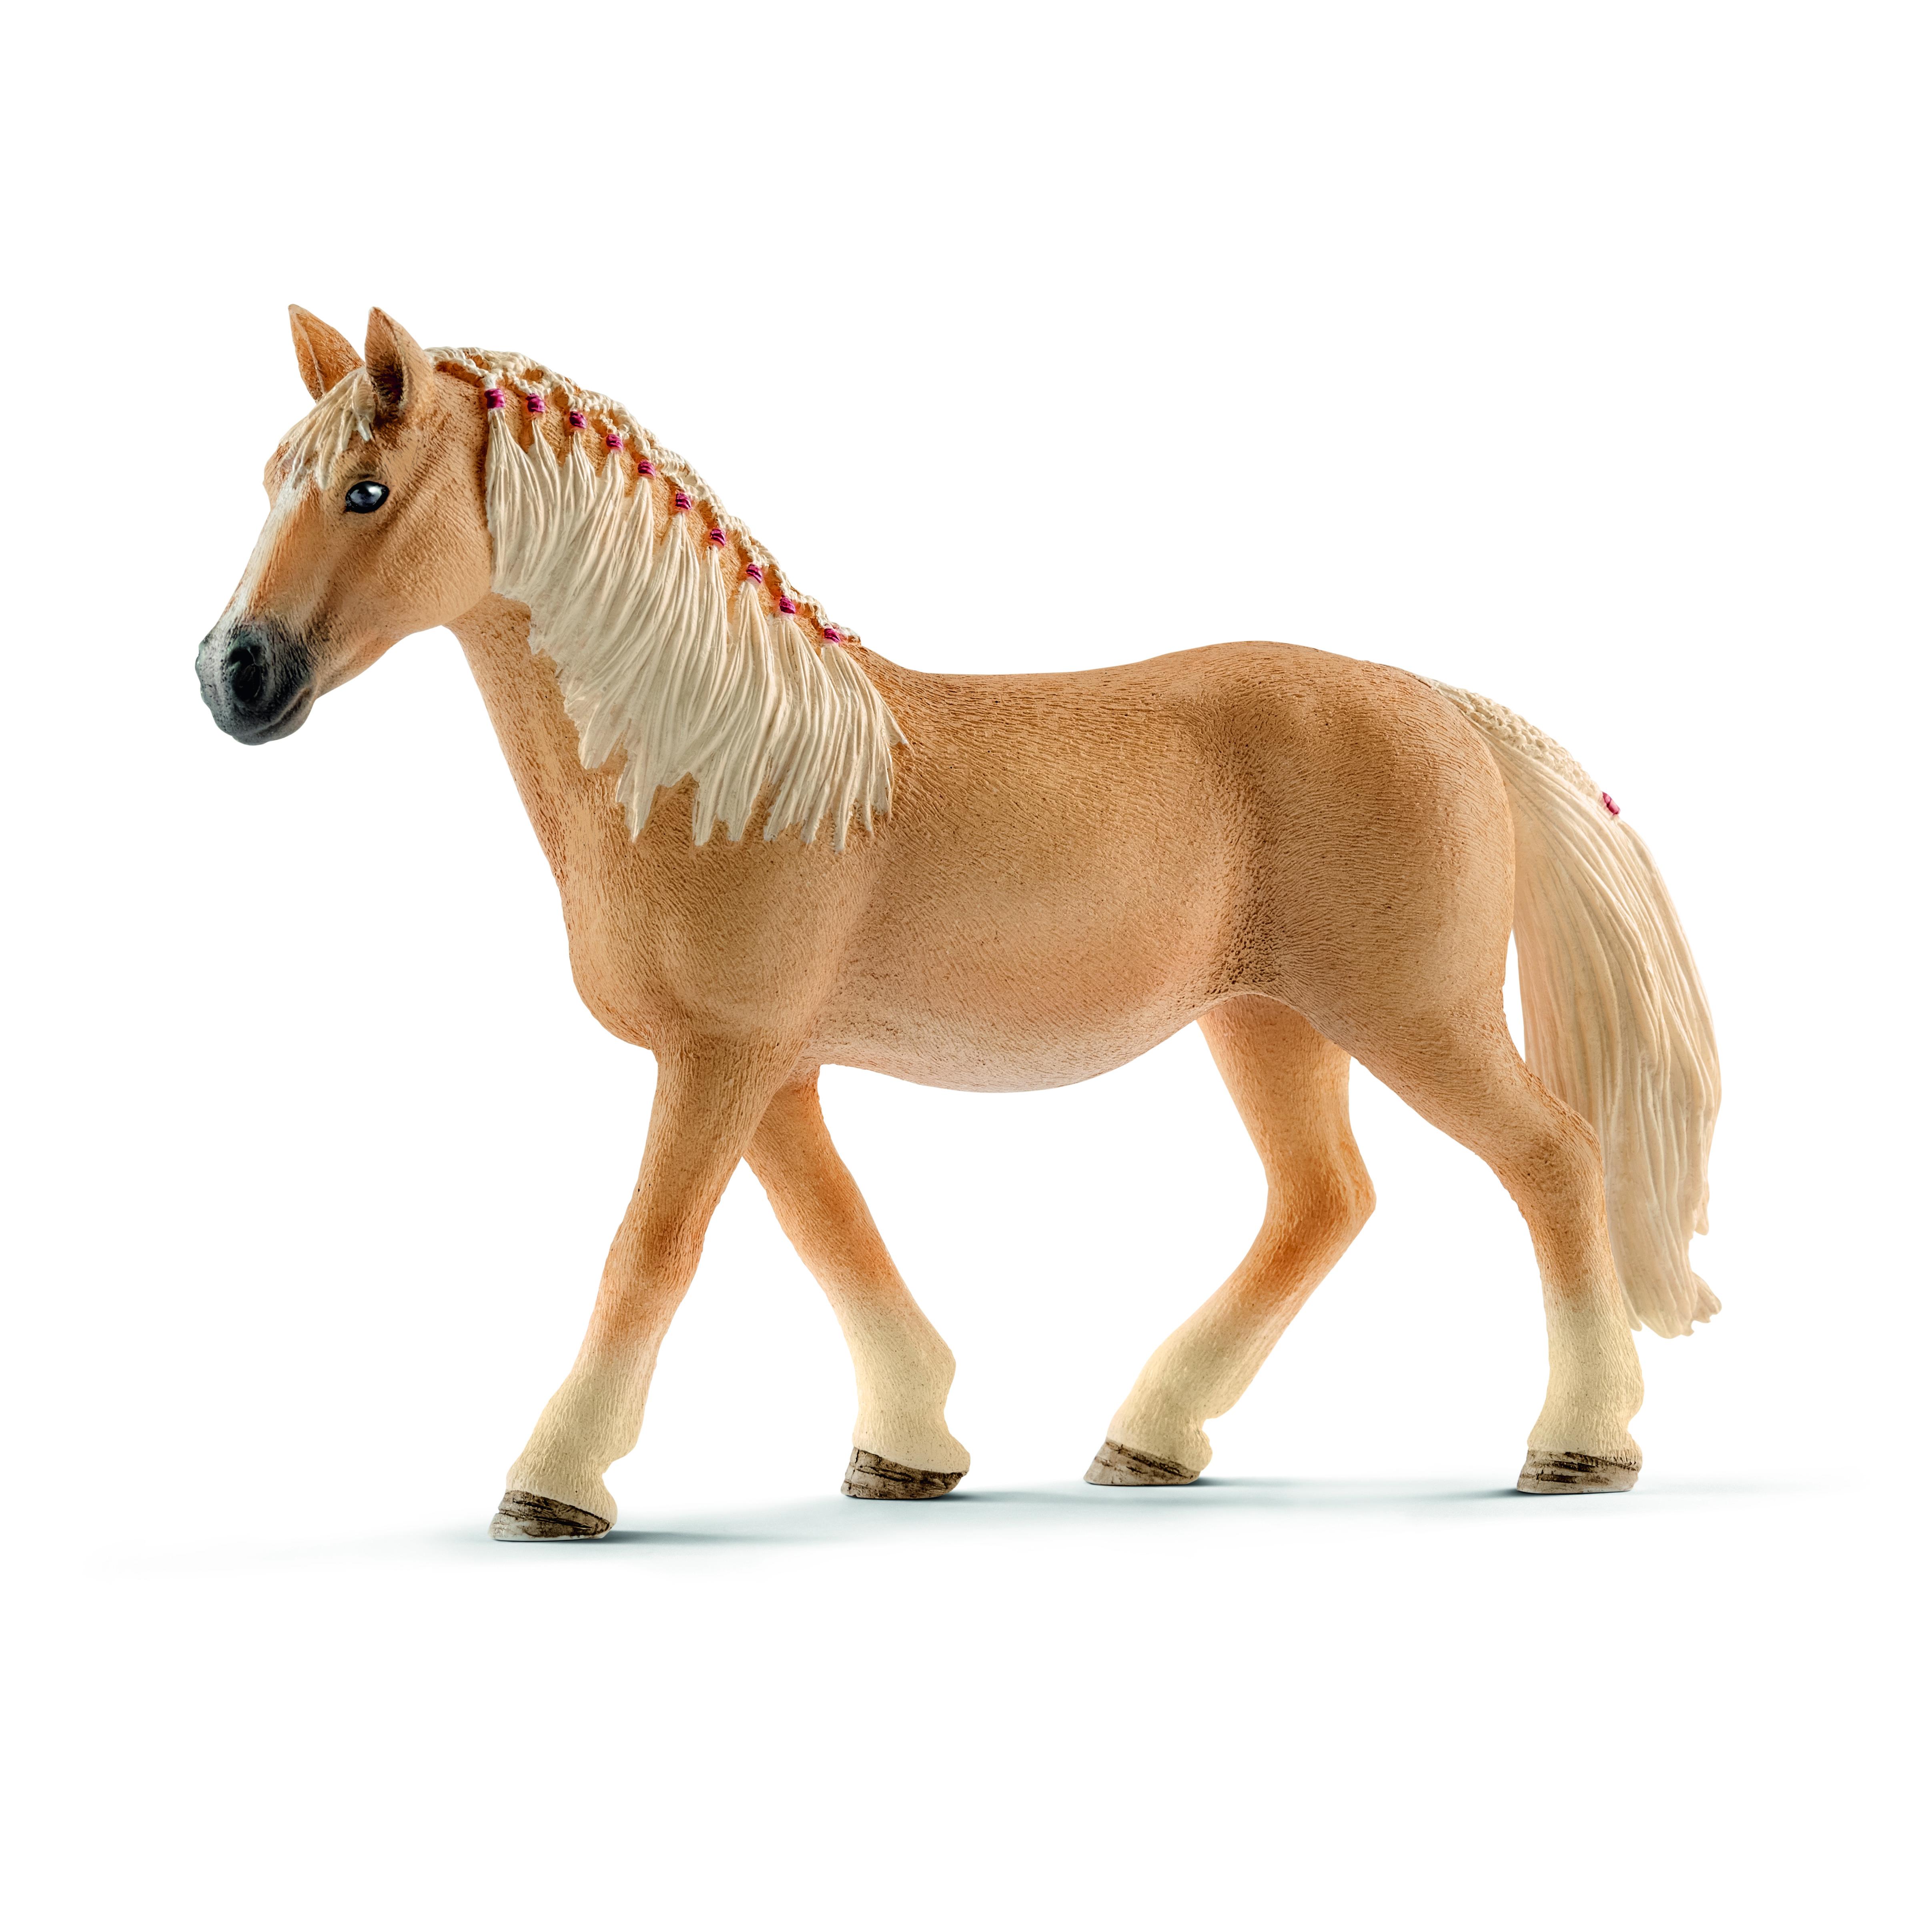 содержит лошадка картинка для игры вот этого